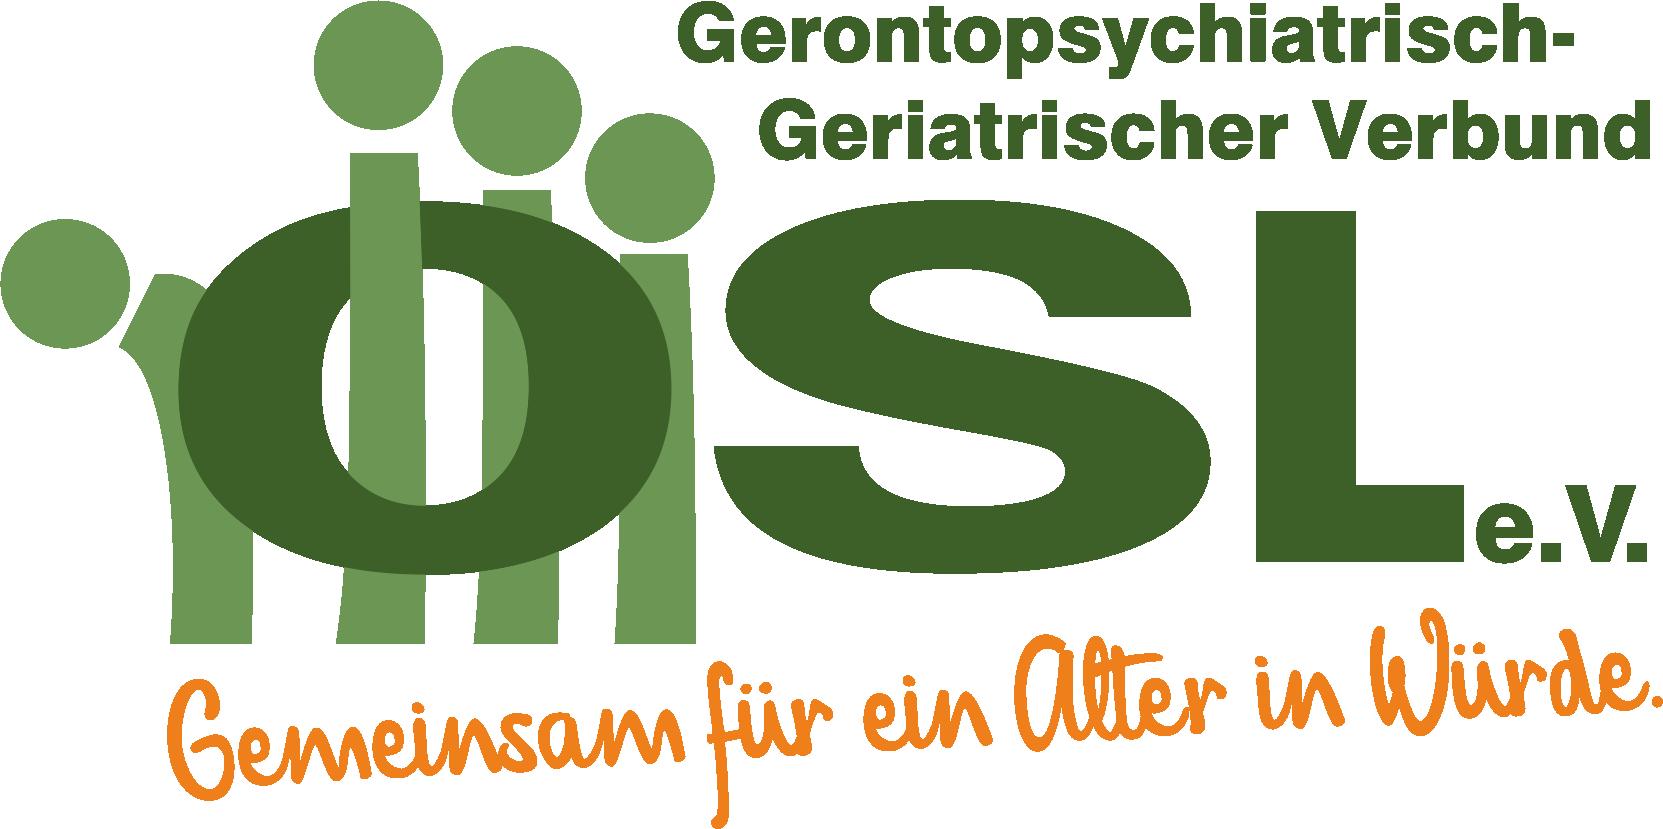 GPGV OSL e.V.